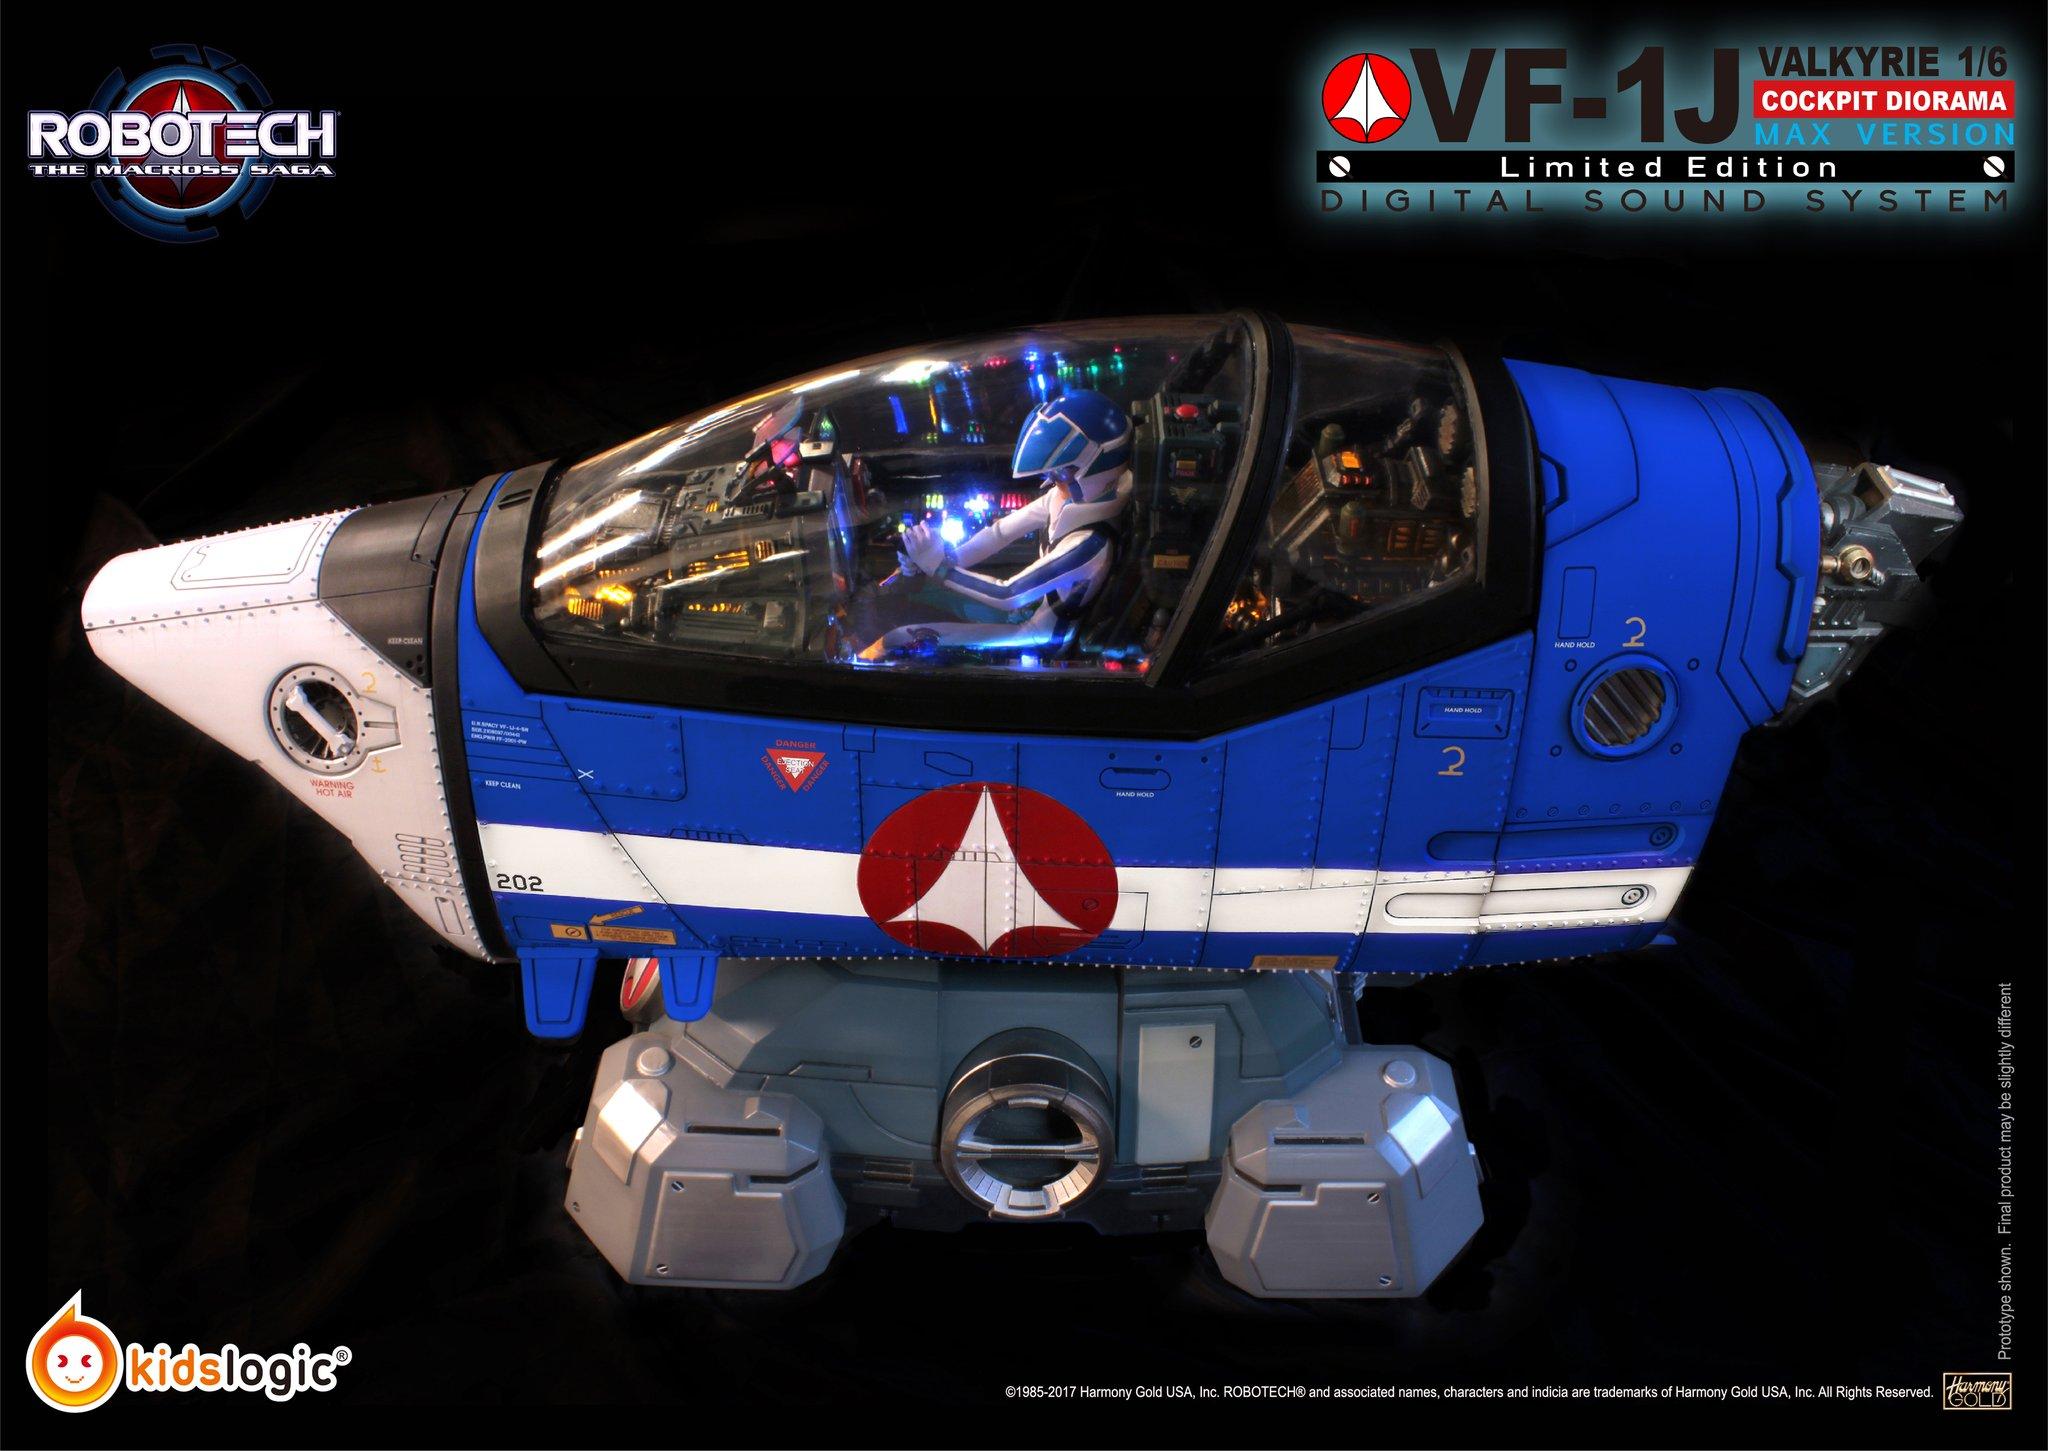 kl-cockpit015